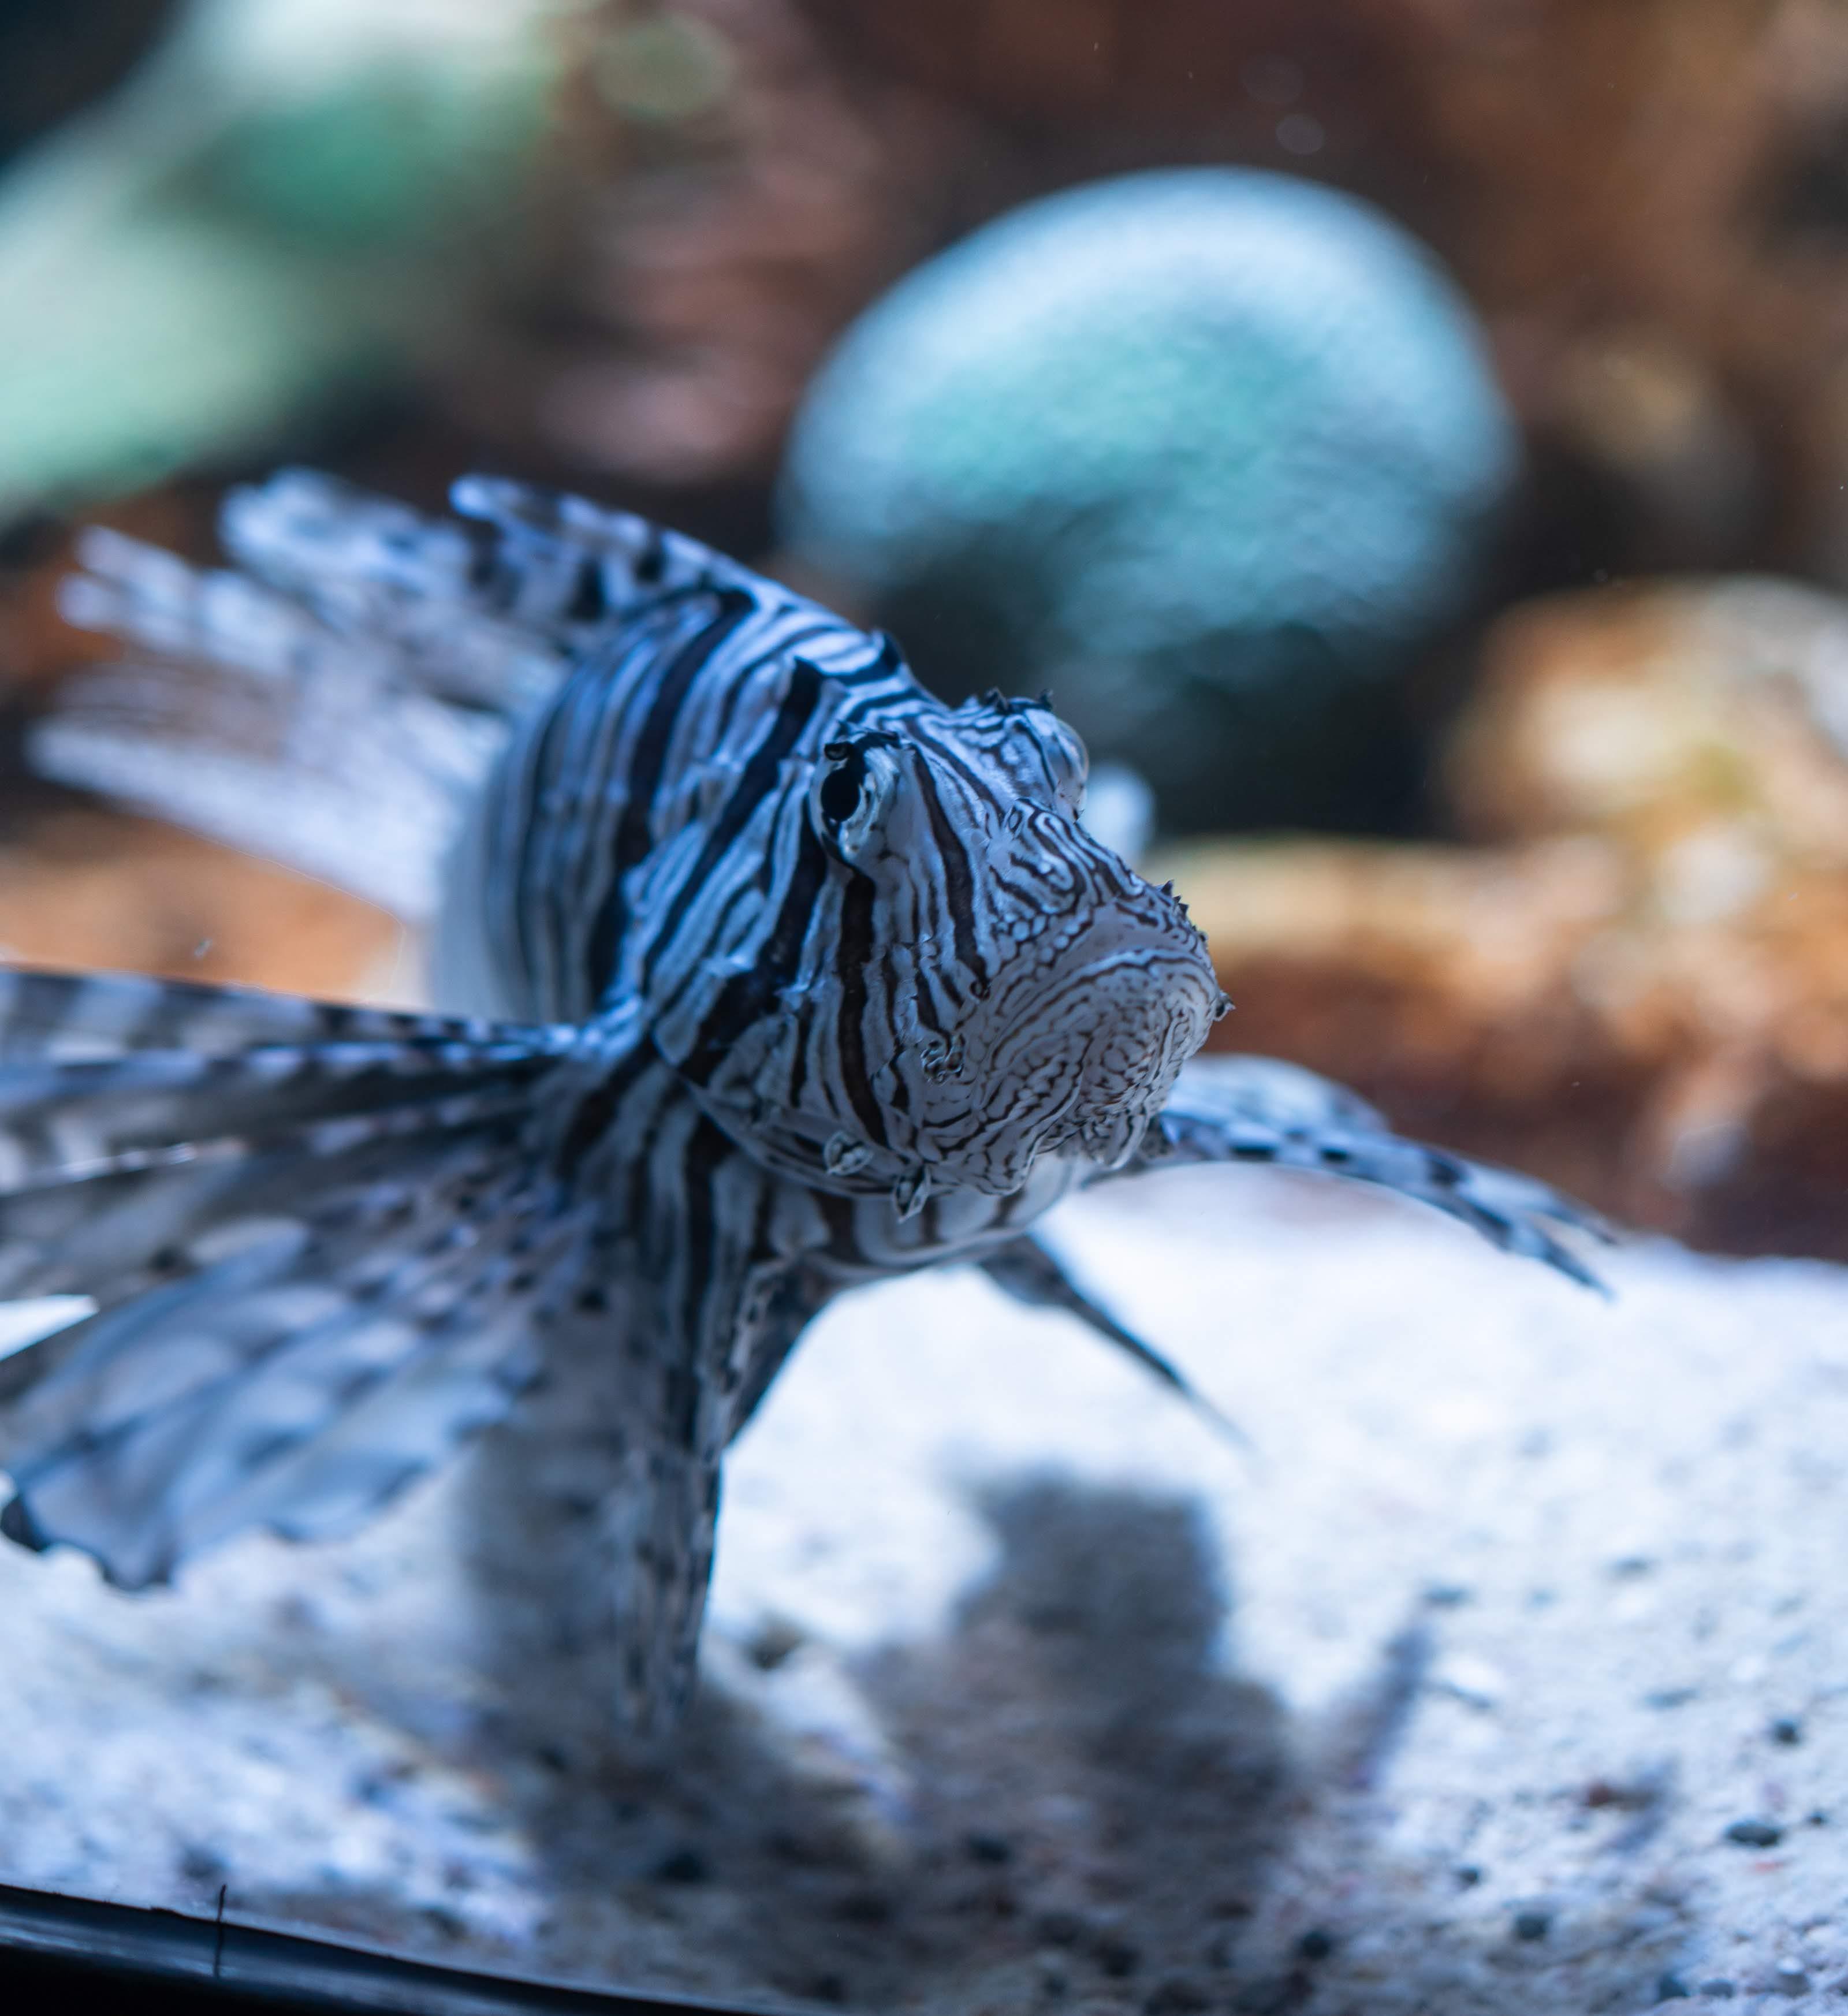 aquarium, fisch, grosser fisch